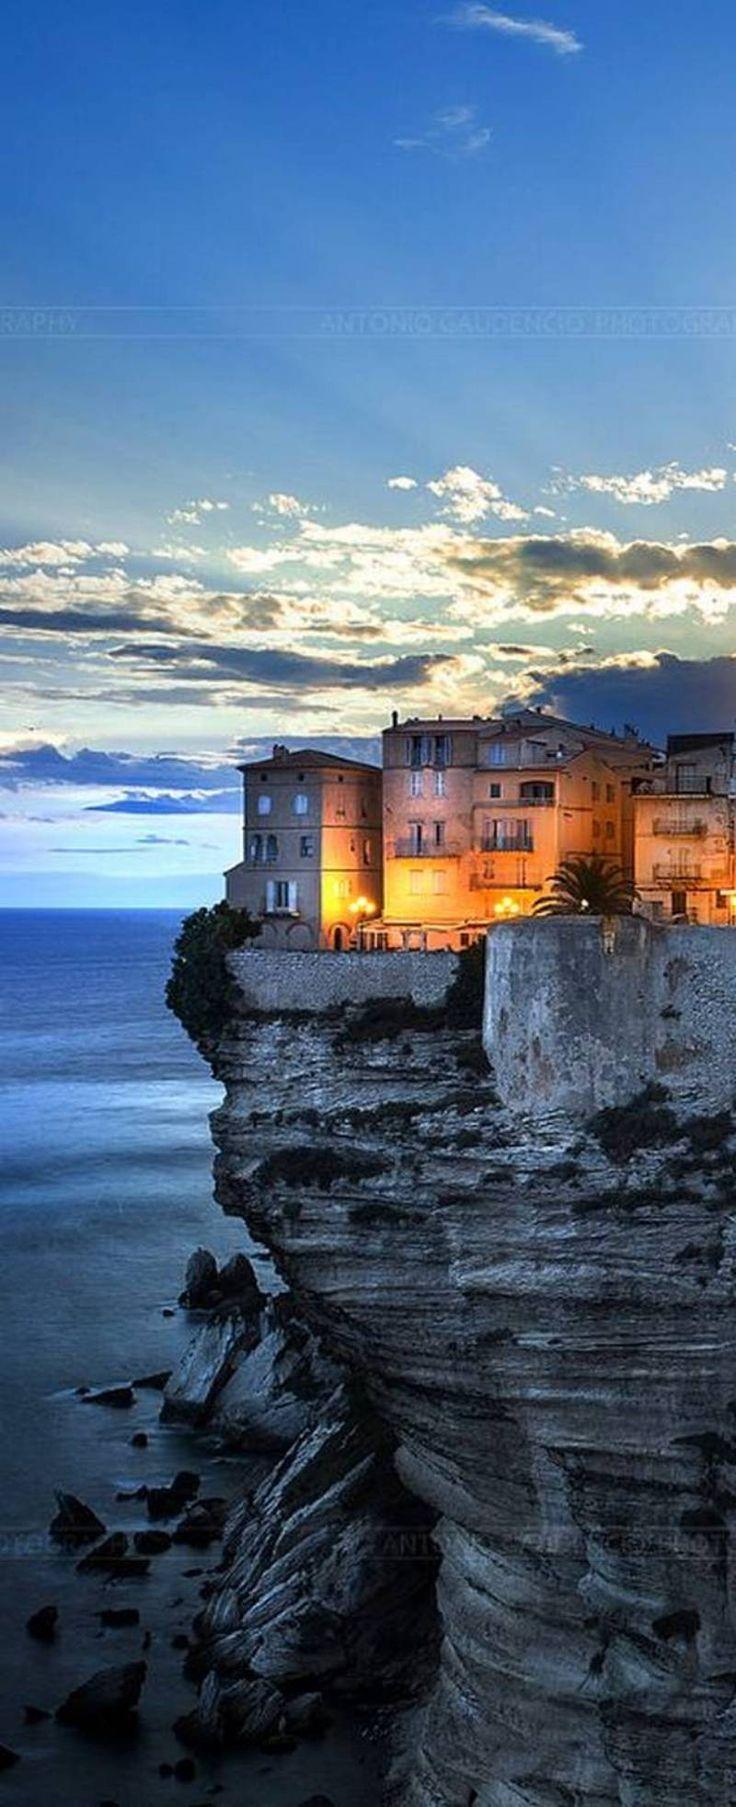 L 39 attraction touristique la plus populaire en france for Lieux touristiques france